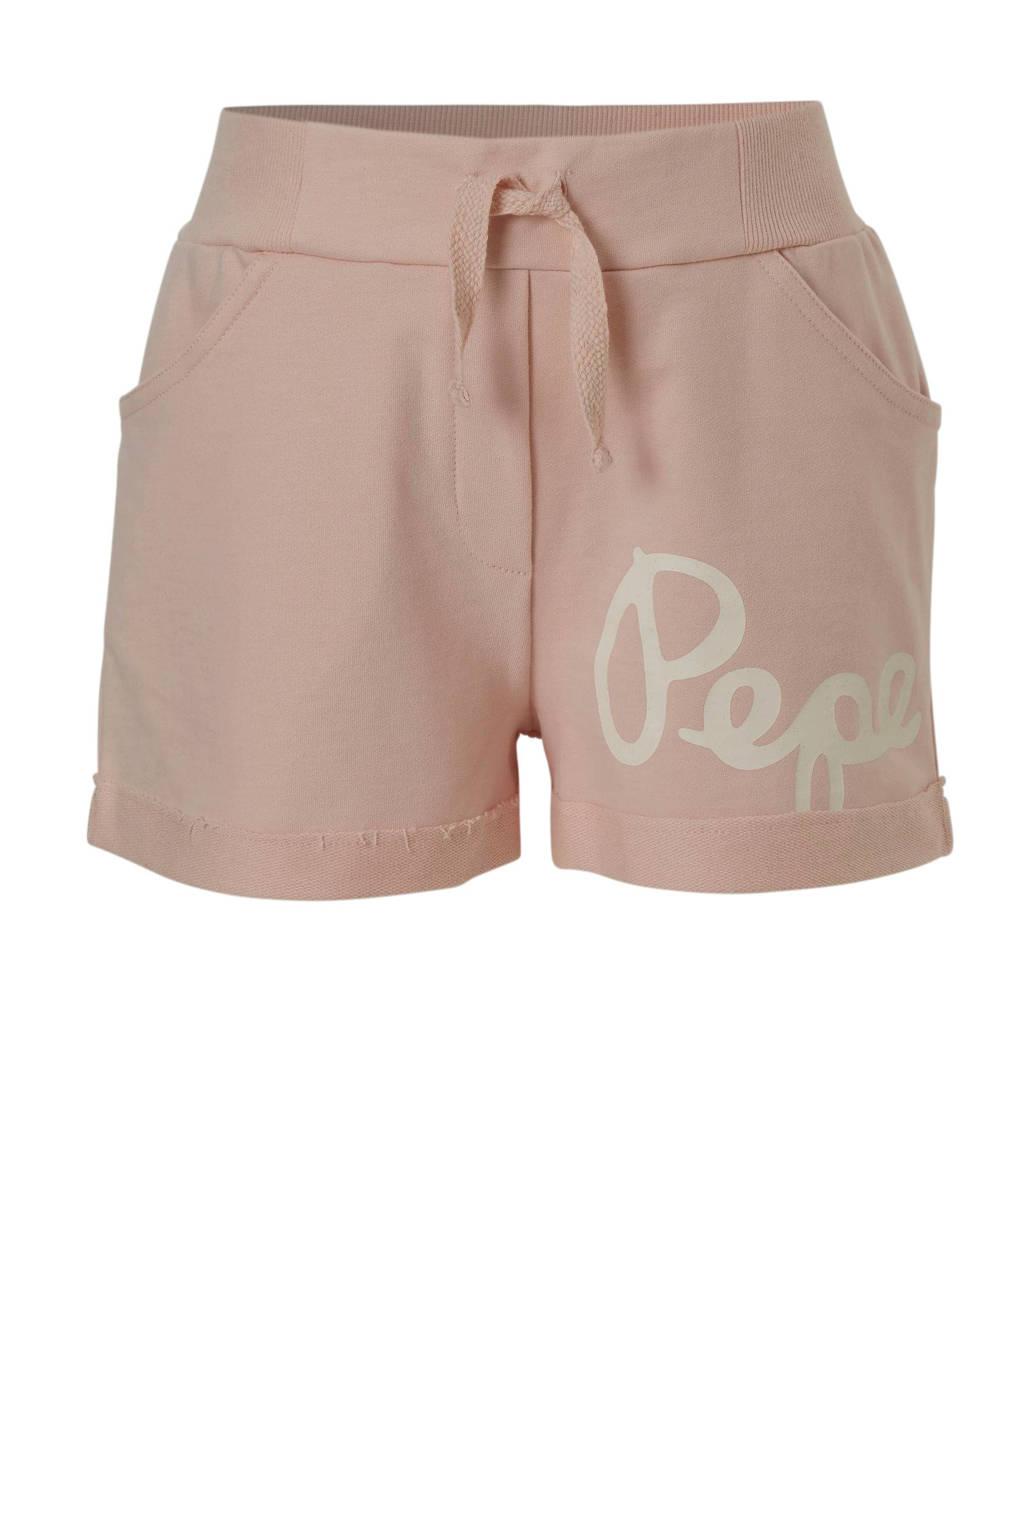 Pepe Jeans sweatshort met logo lichtroze, Lichtroze